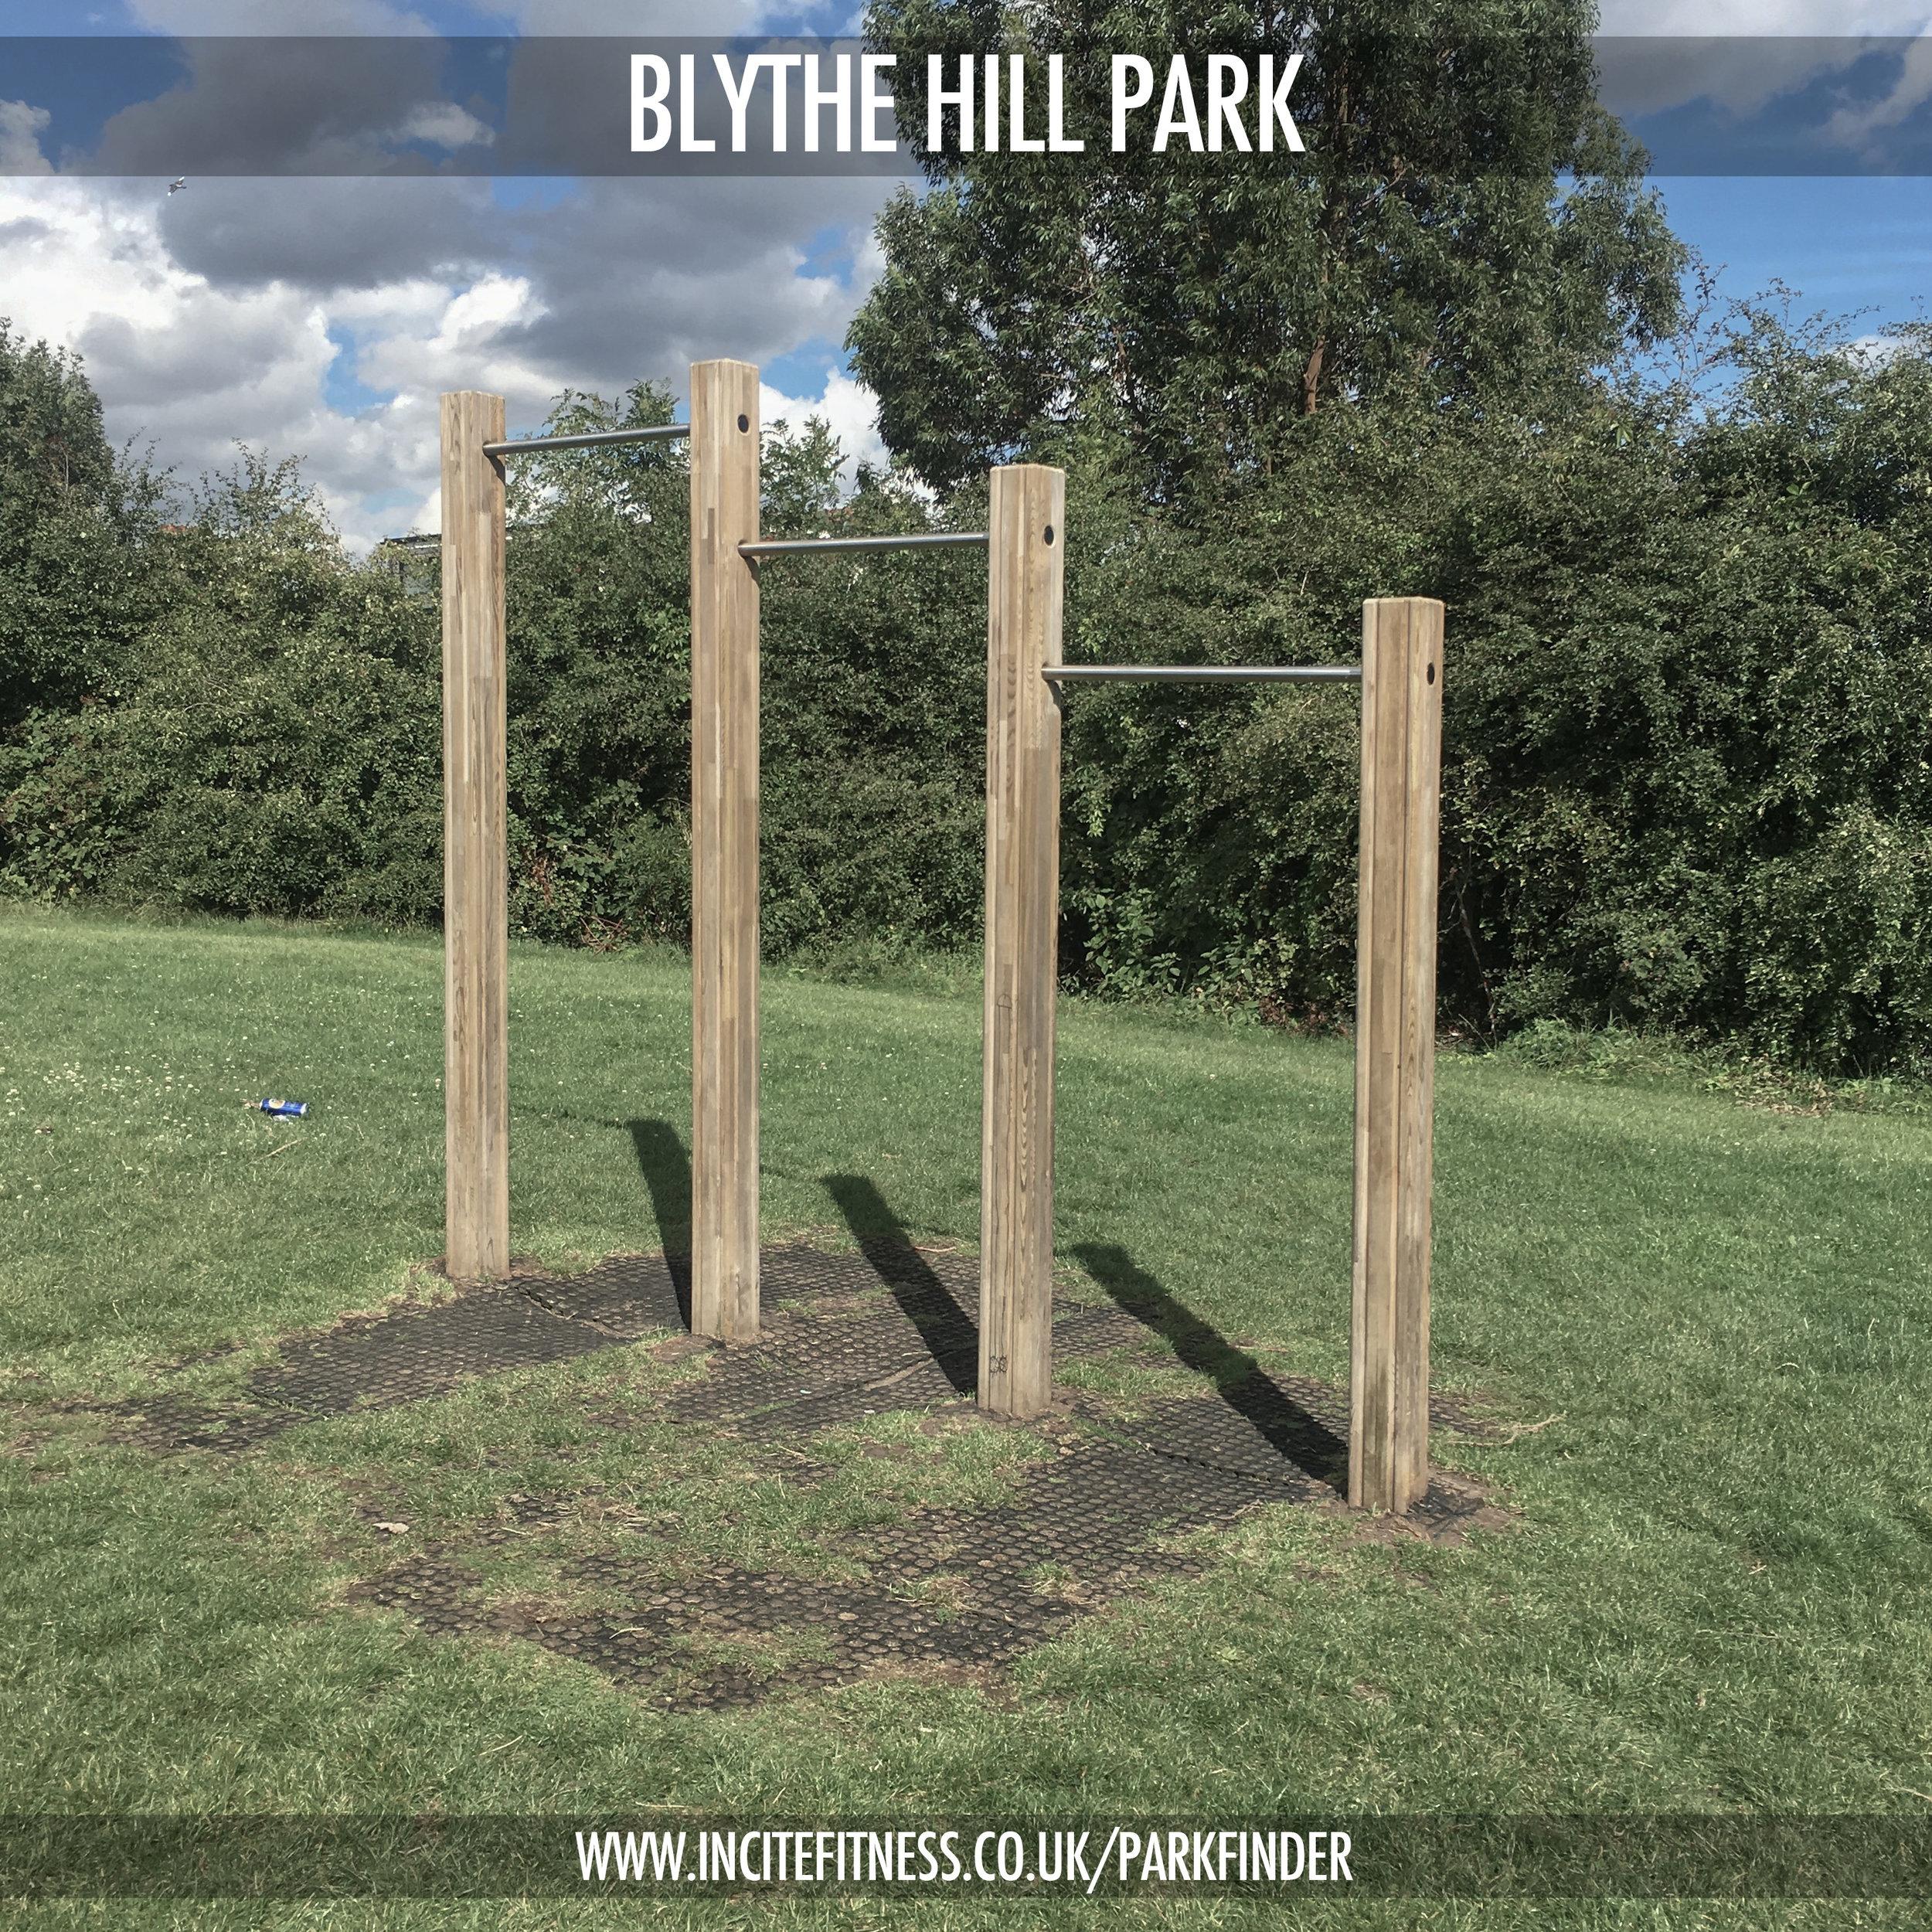 Blythe Hill park 01 pull up bars.jpg